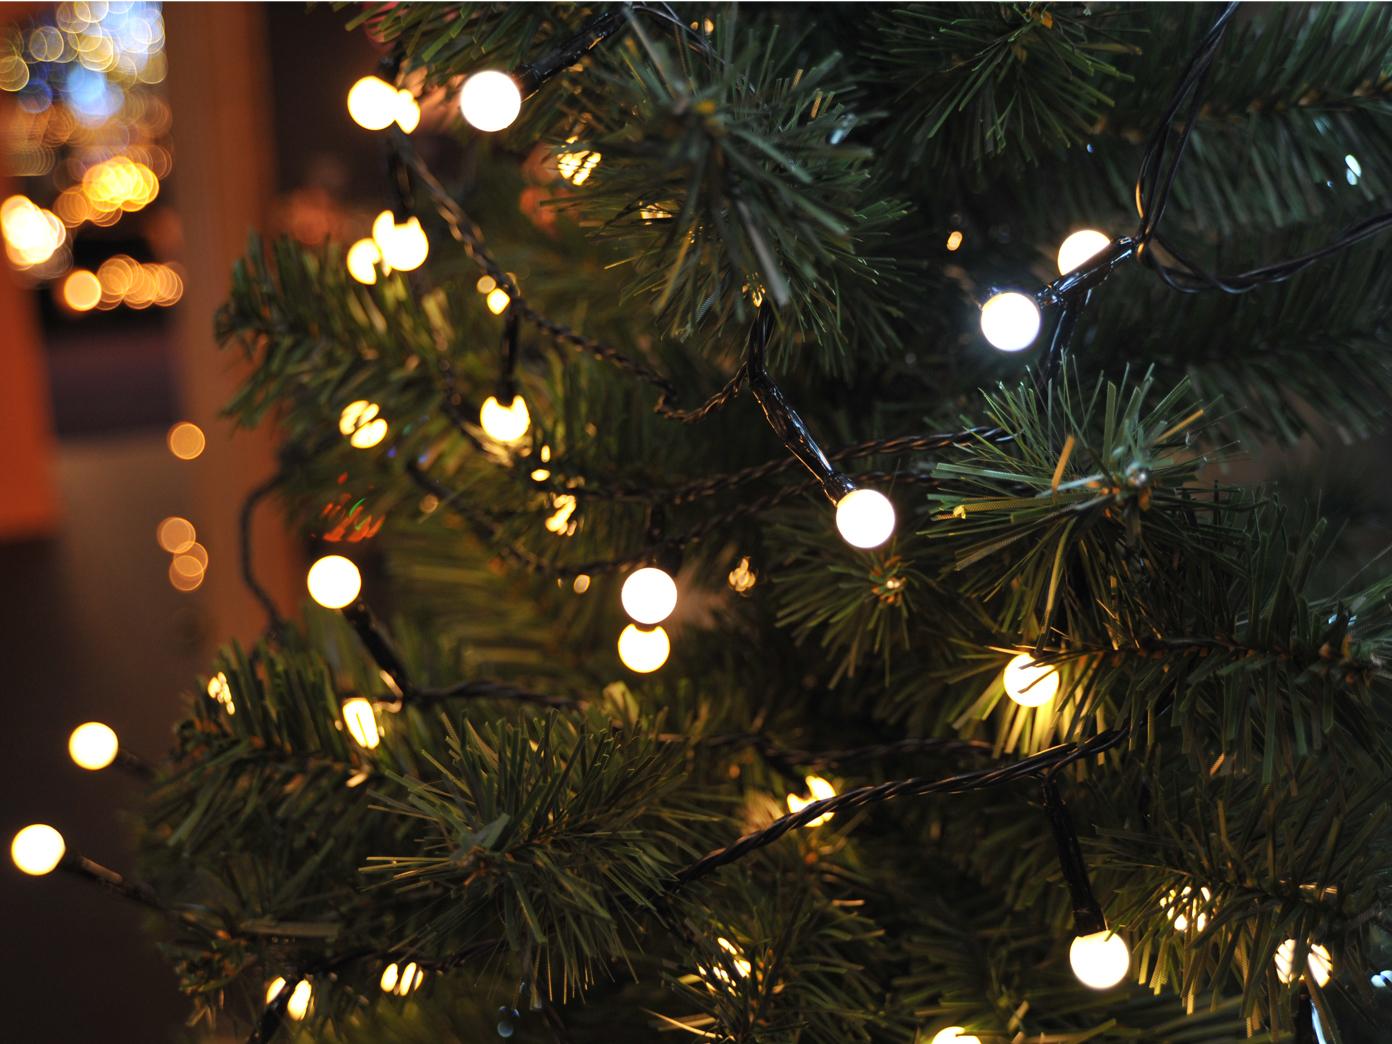 Weihnachtsbeleuchtung Led Fernbedienung.Led Globelichterkette Mit Funksteckdose Fernbedienung Weihnachtsbeleuchtung